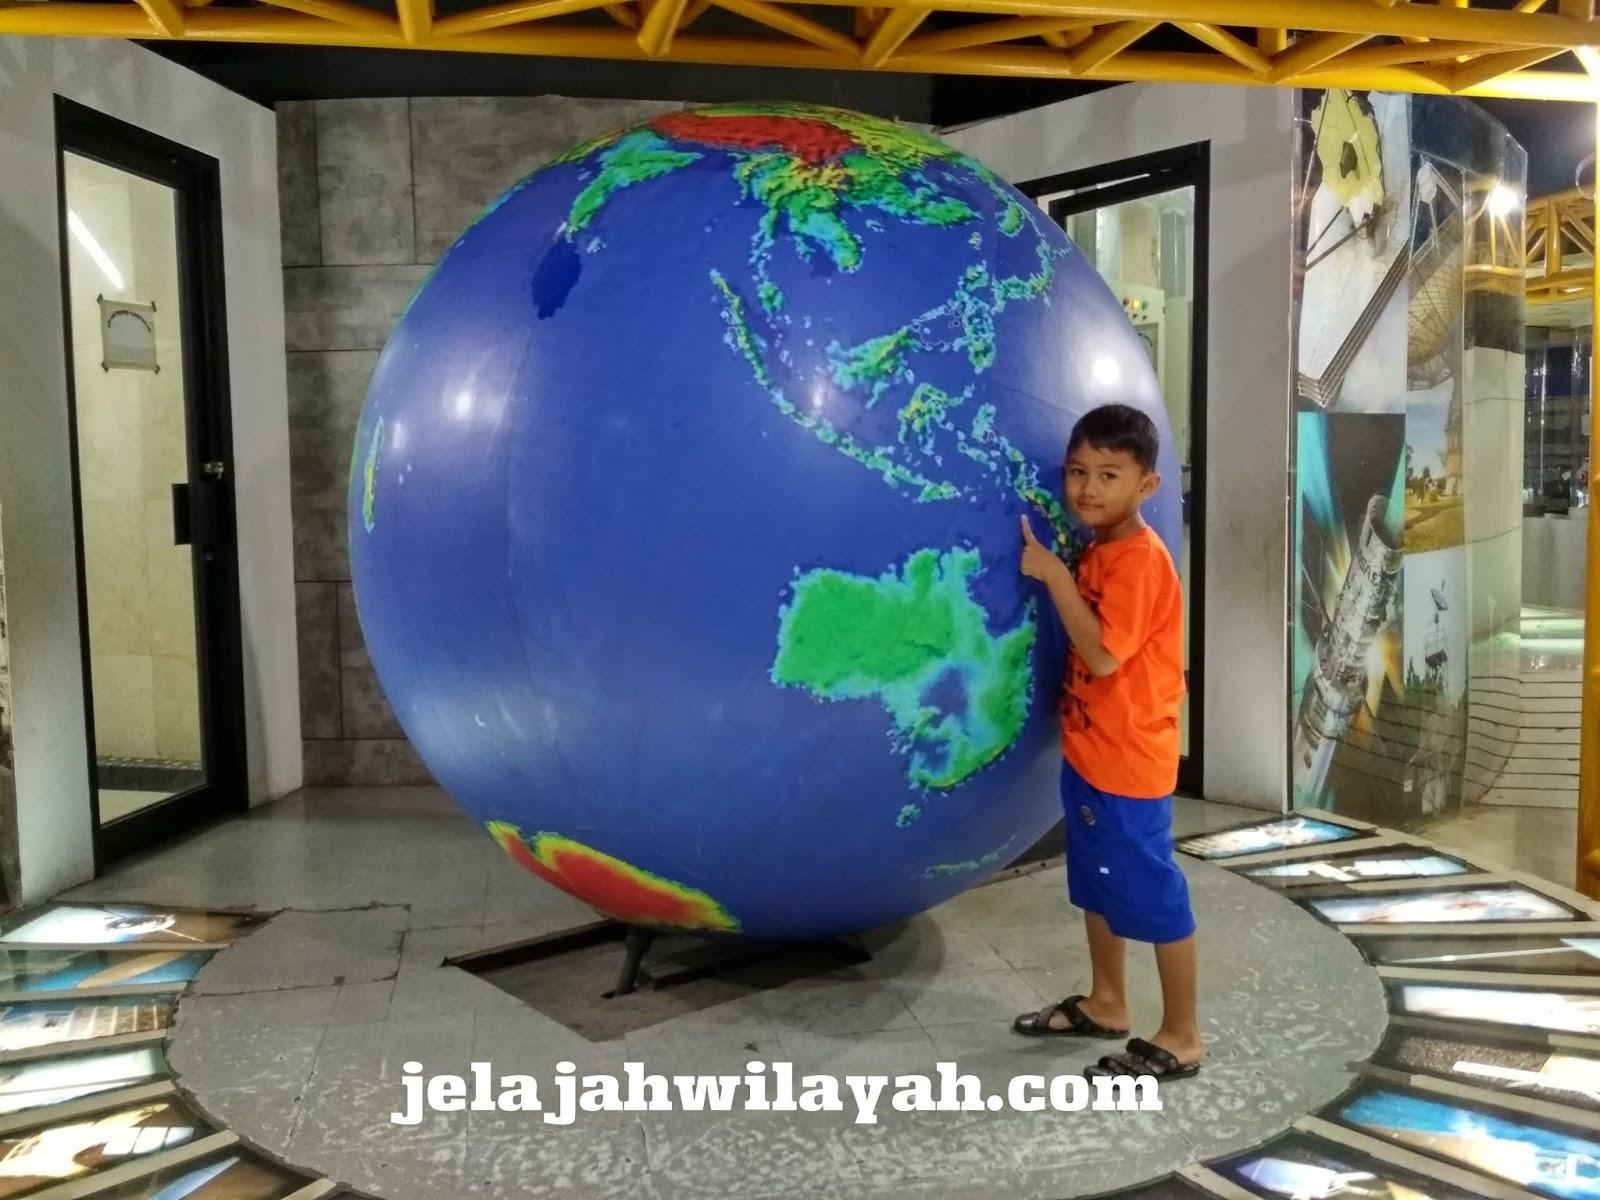 Wisata Sambil Belajar Astronomi Di Planetarium Dan Observatorium Jakarta Jelajahwilayah Com Info Tempat Wisata Kuliner Dan Tips Wisata